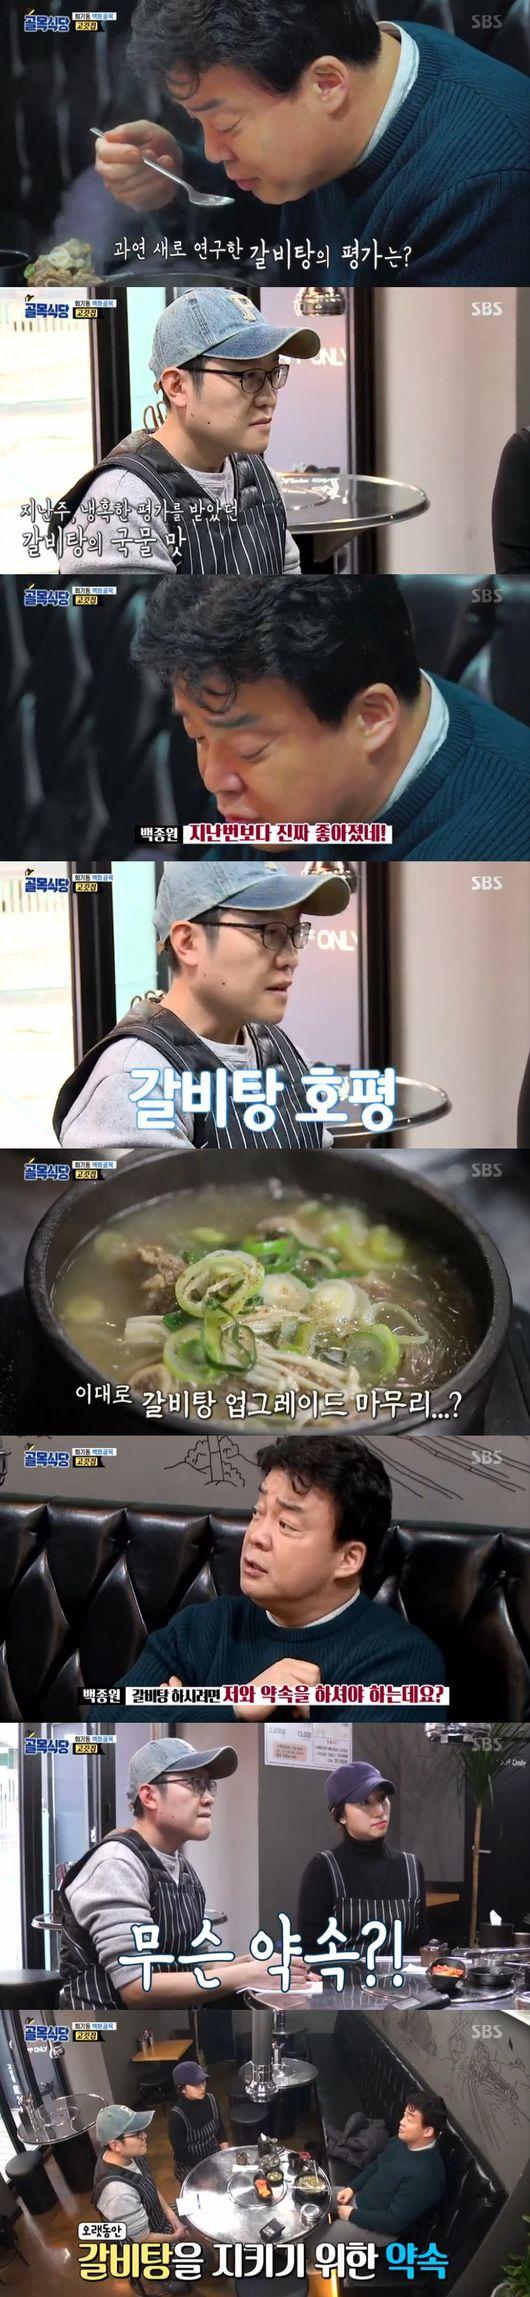 '골목식당' 고깃집, 최고 갈비탕 위